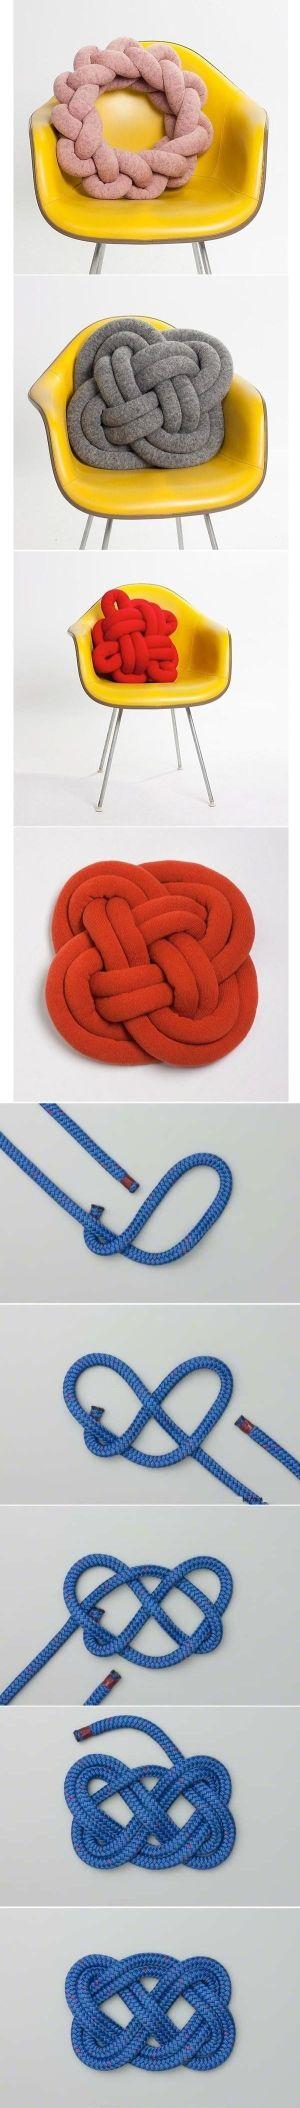 DIY Knot Pillow DIY Knot Pillow by diyforever